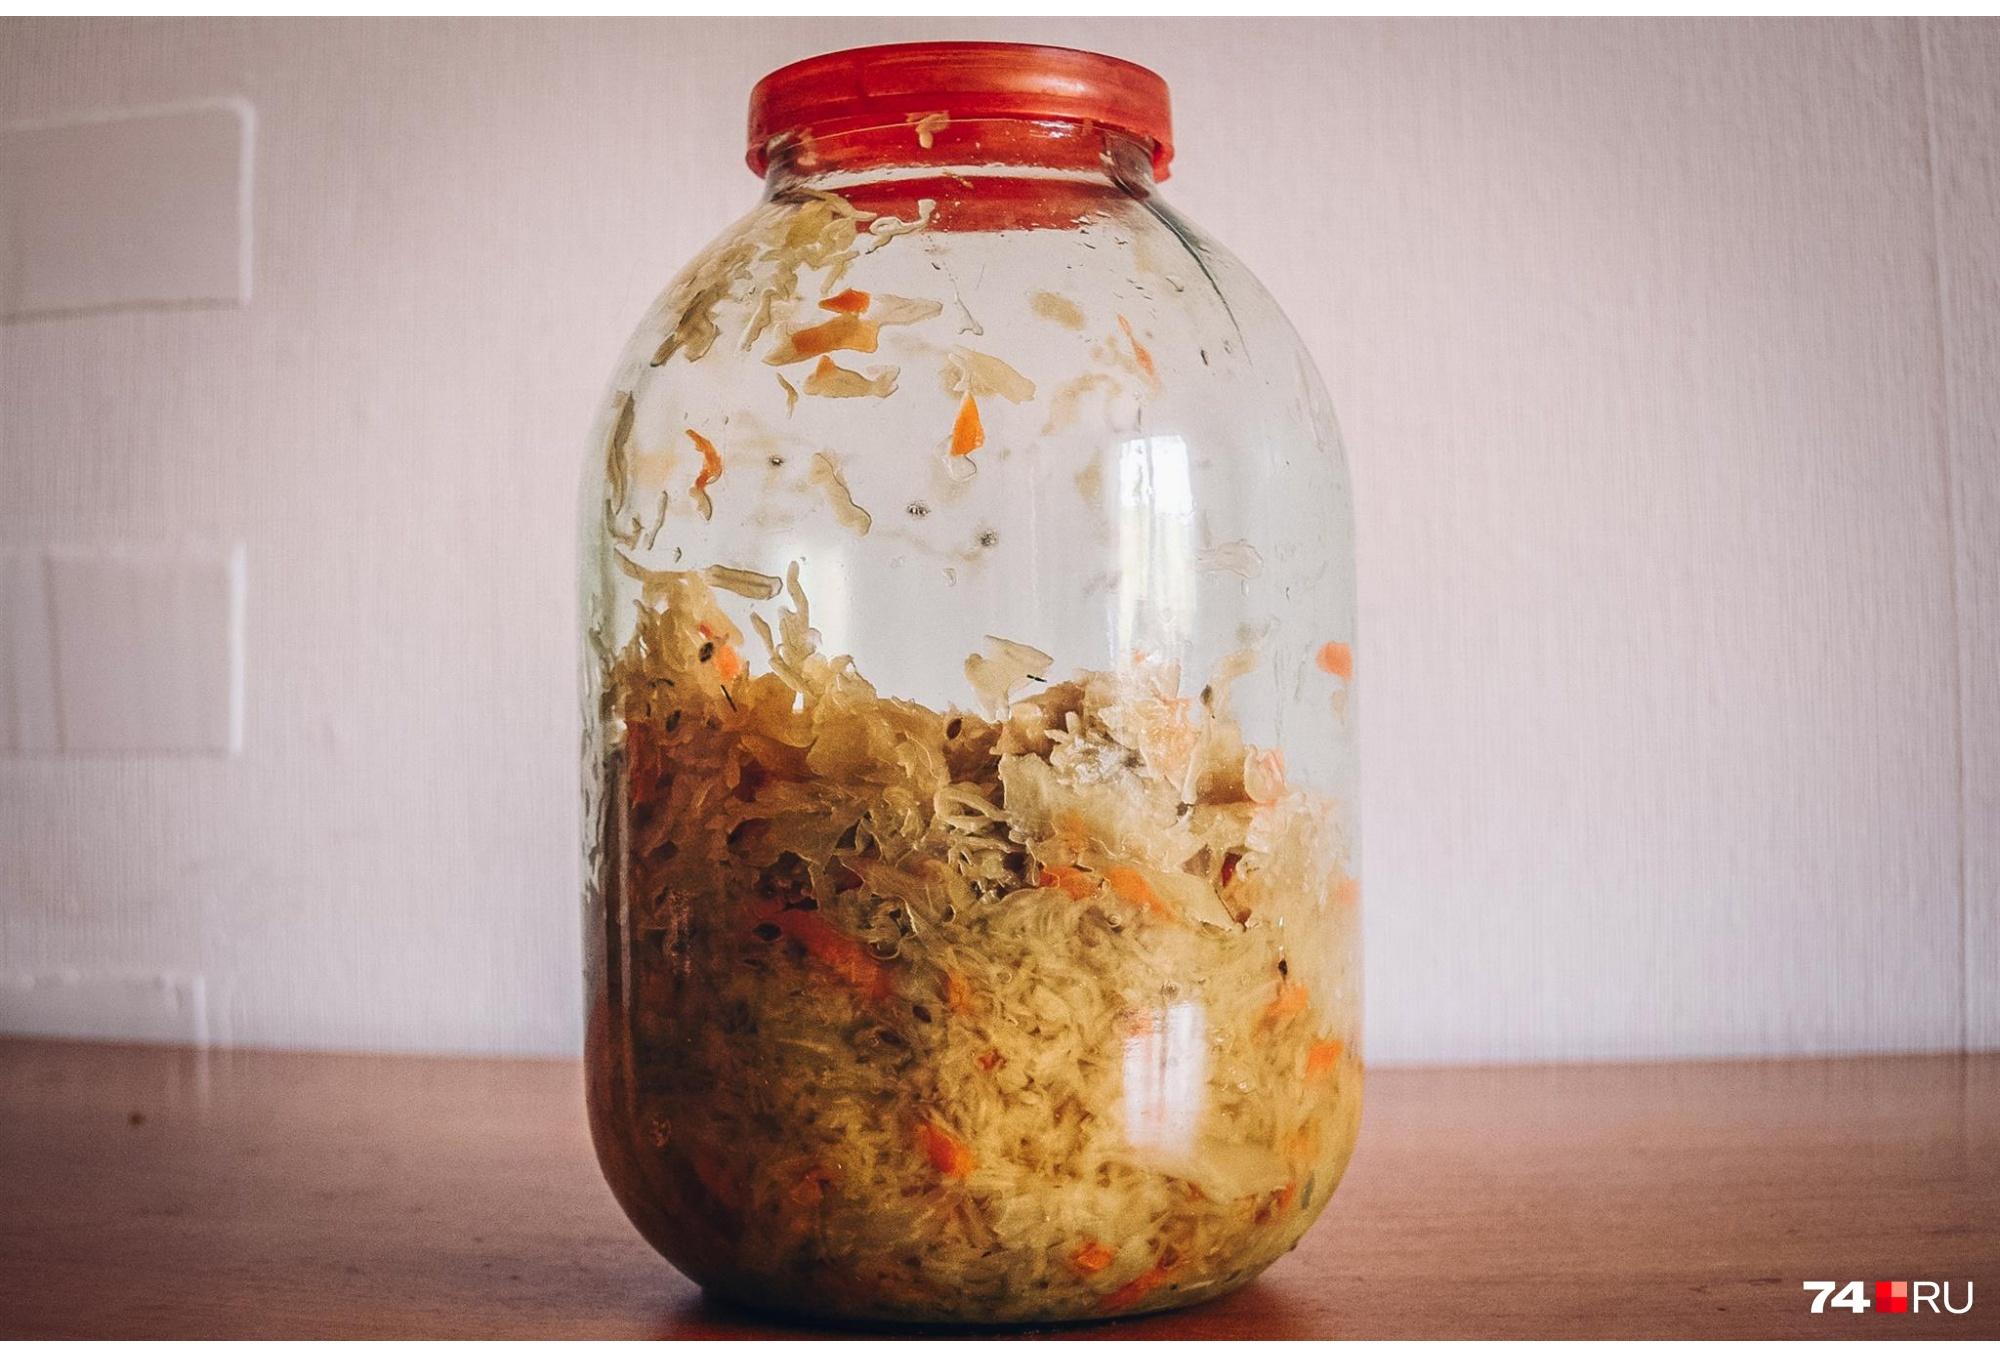 Совет от кулинаров: пока капуста квасится, продавливайте или протыкайте ее до самого дна банки, чтобы выдавить лишние газы